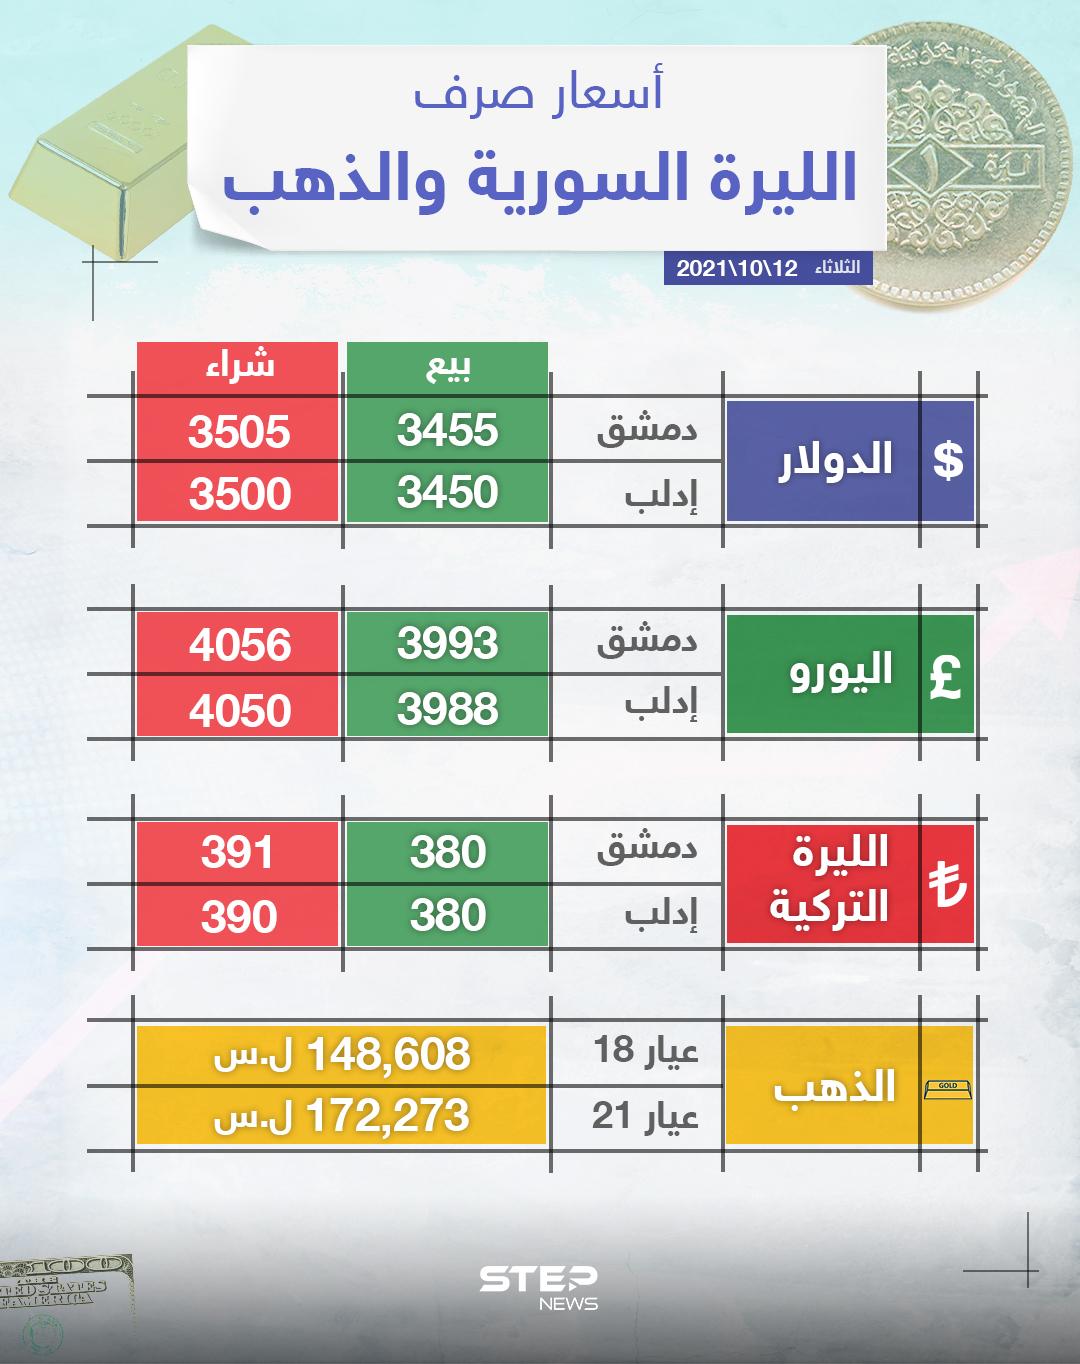 أسعار الذهب والعملات للدول العربية وتركيا اليوم الثلاثاء الموافق 12 تشرين الأول 2021